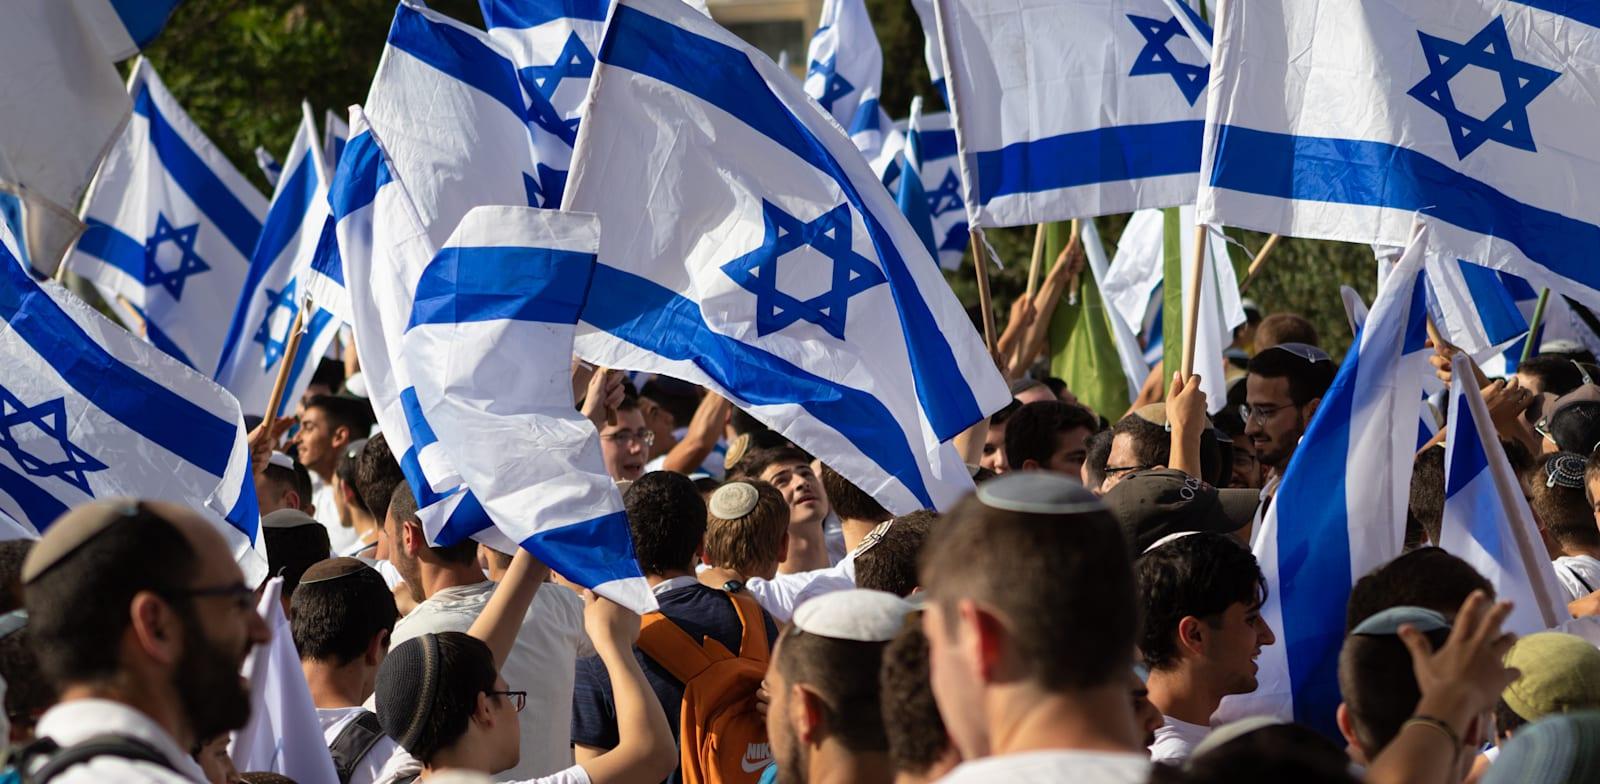 ריקוד הדגלים בירושלים, מוקדם יותר השנה / צילום: Shutterstock, yosefus